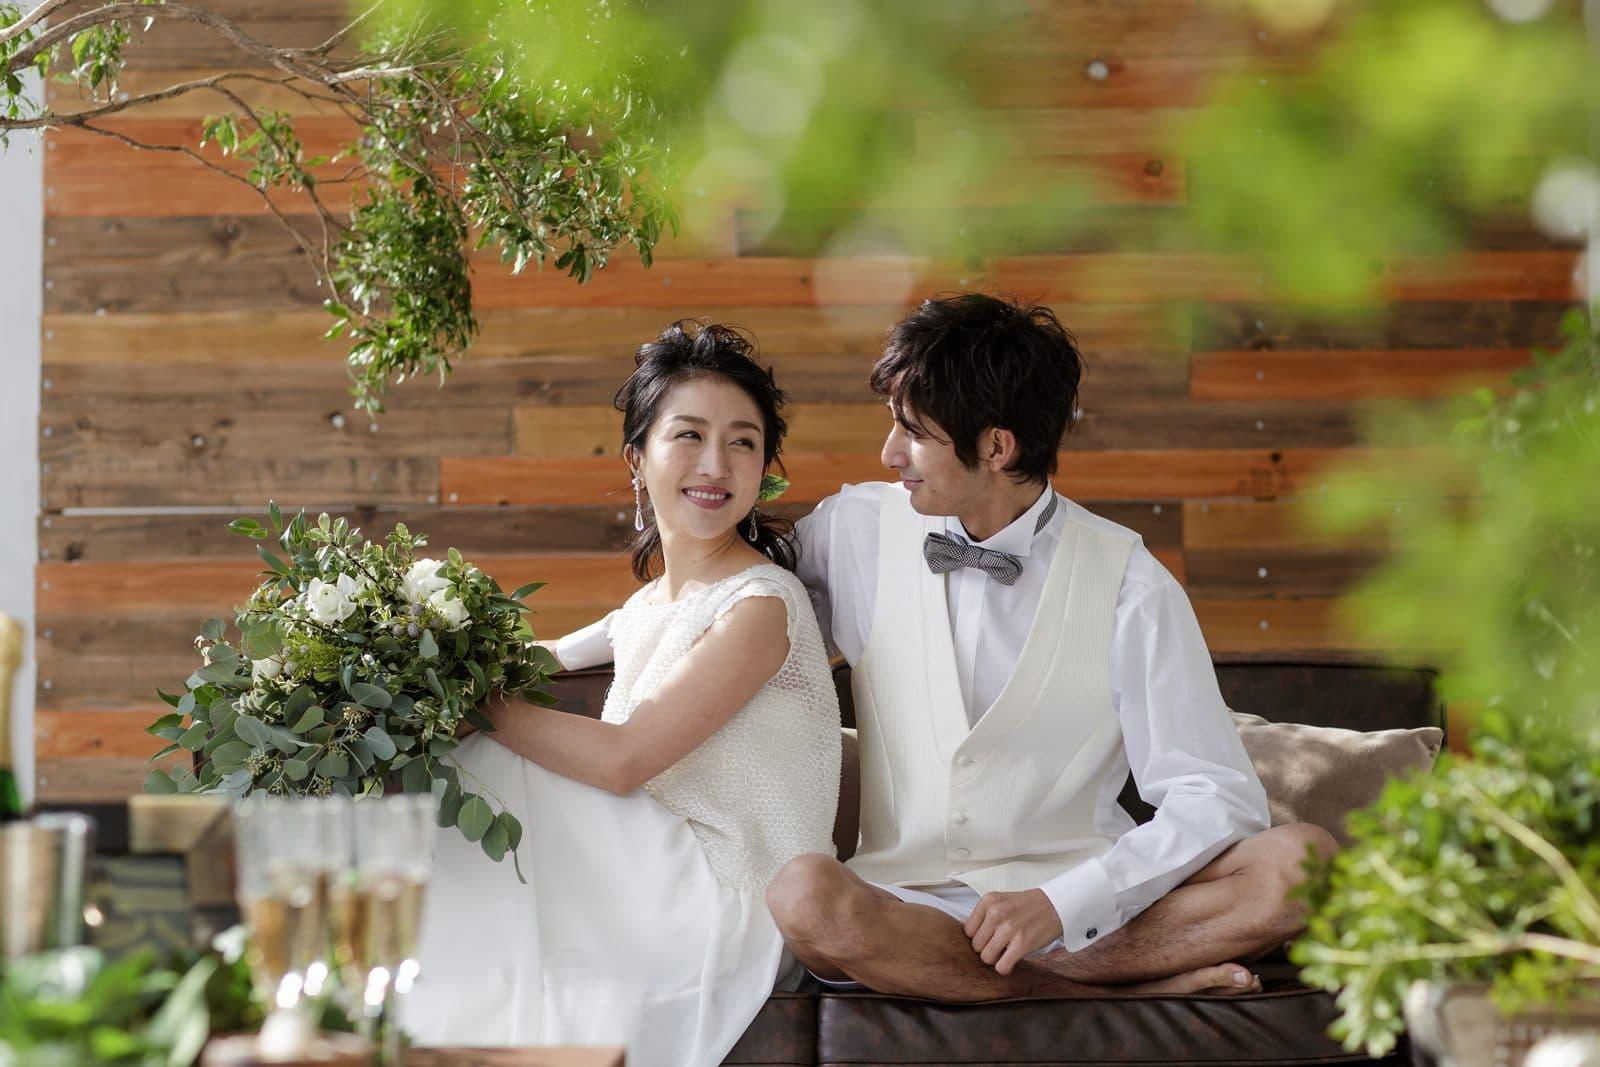 乾杯 結婚 短い 式 挨拶